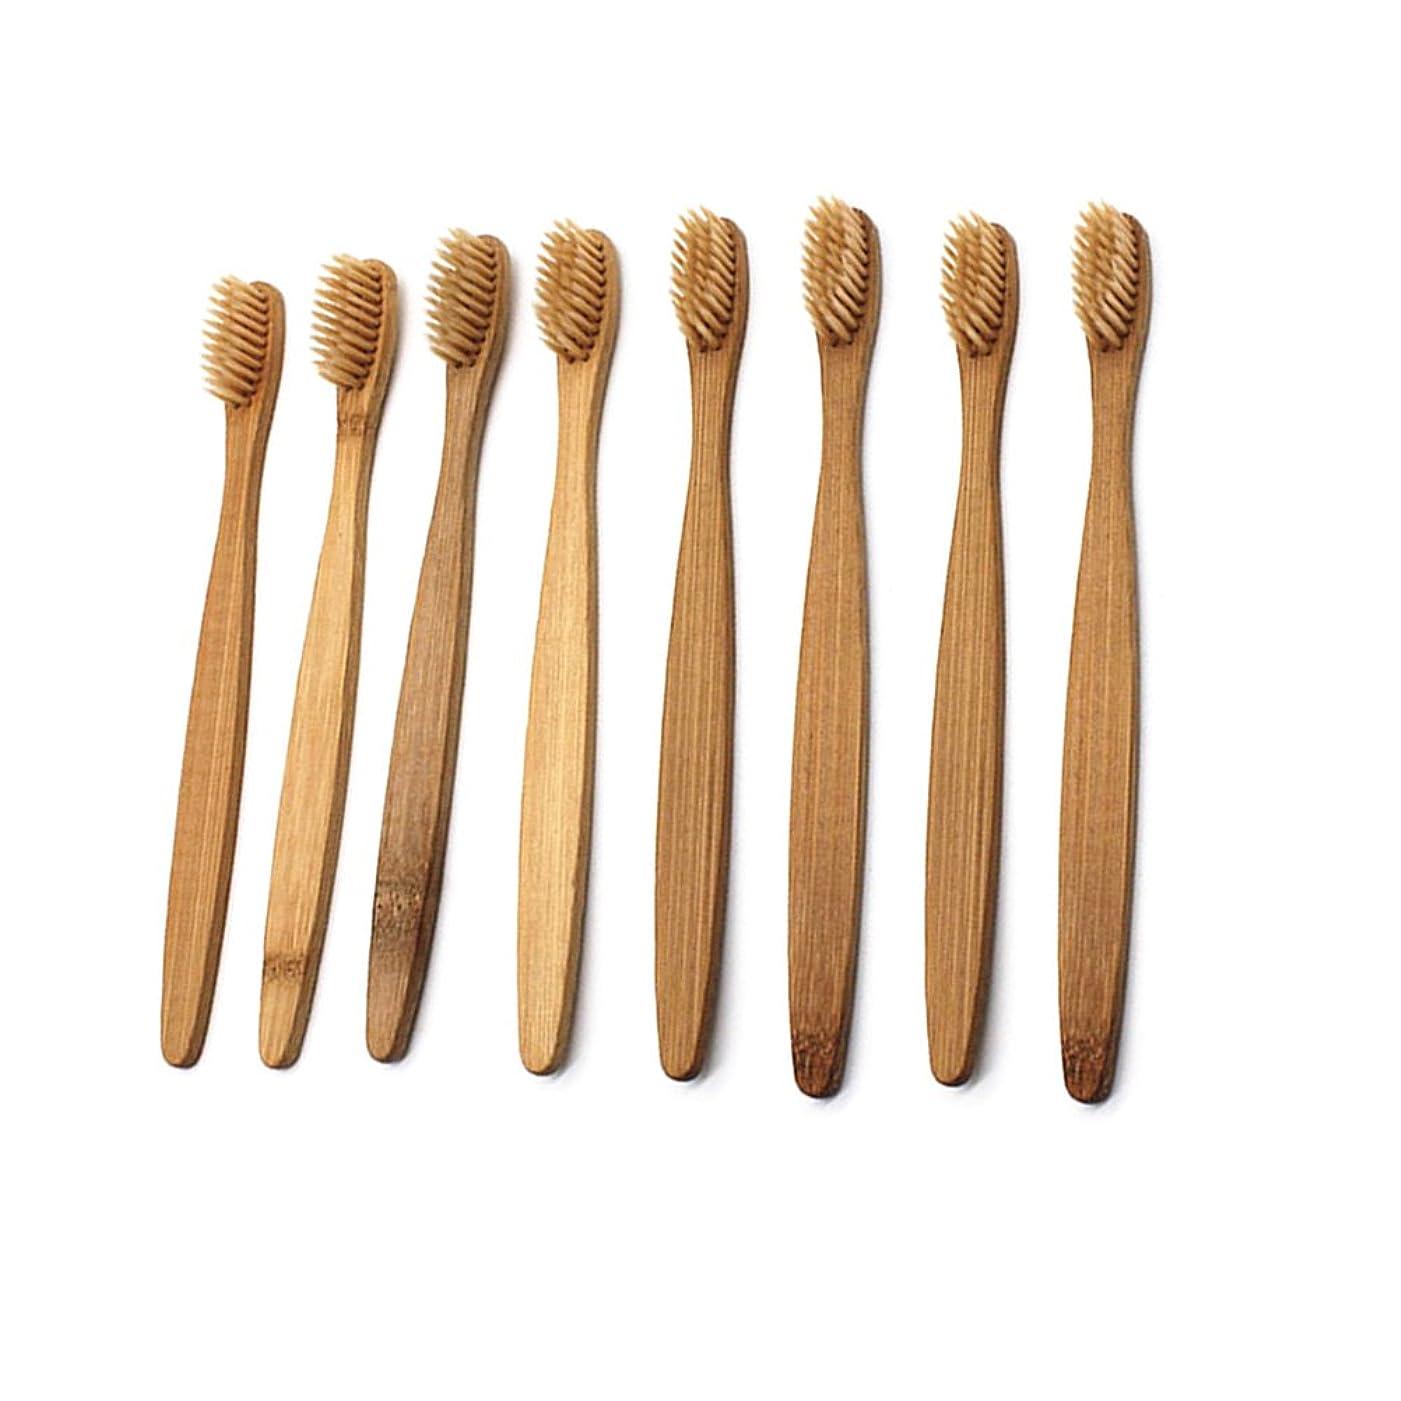 セクション請求可能ペンHealifty 柔らかい剛毛が付いている8pcs自然なタケ歯ブラシの木のECOの友好的な歯ブラシ